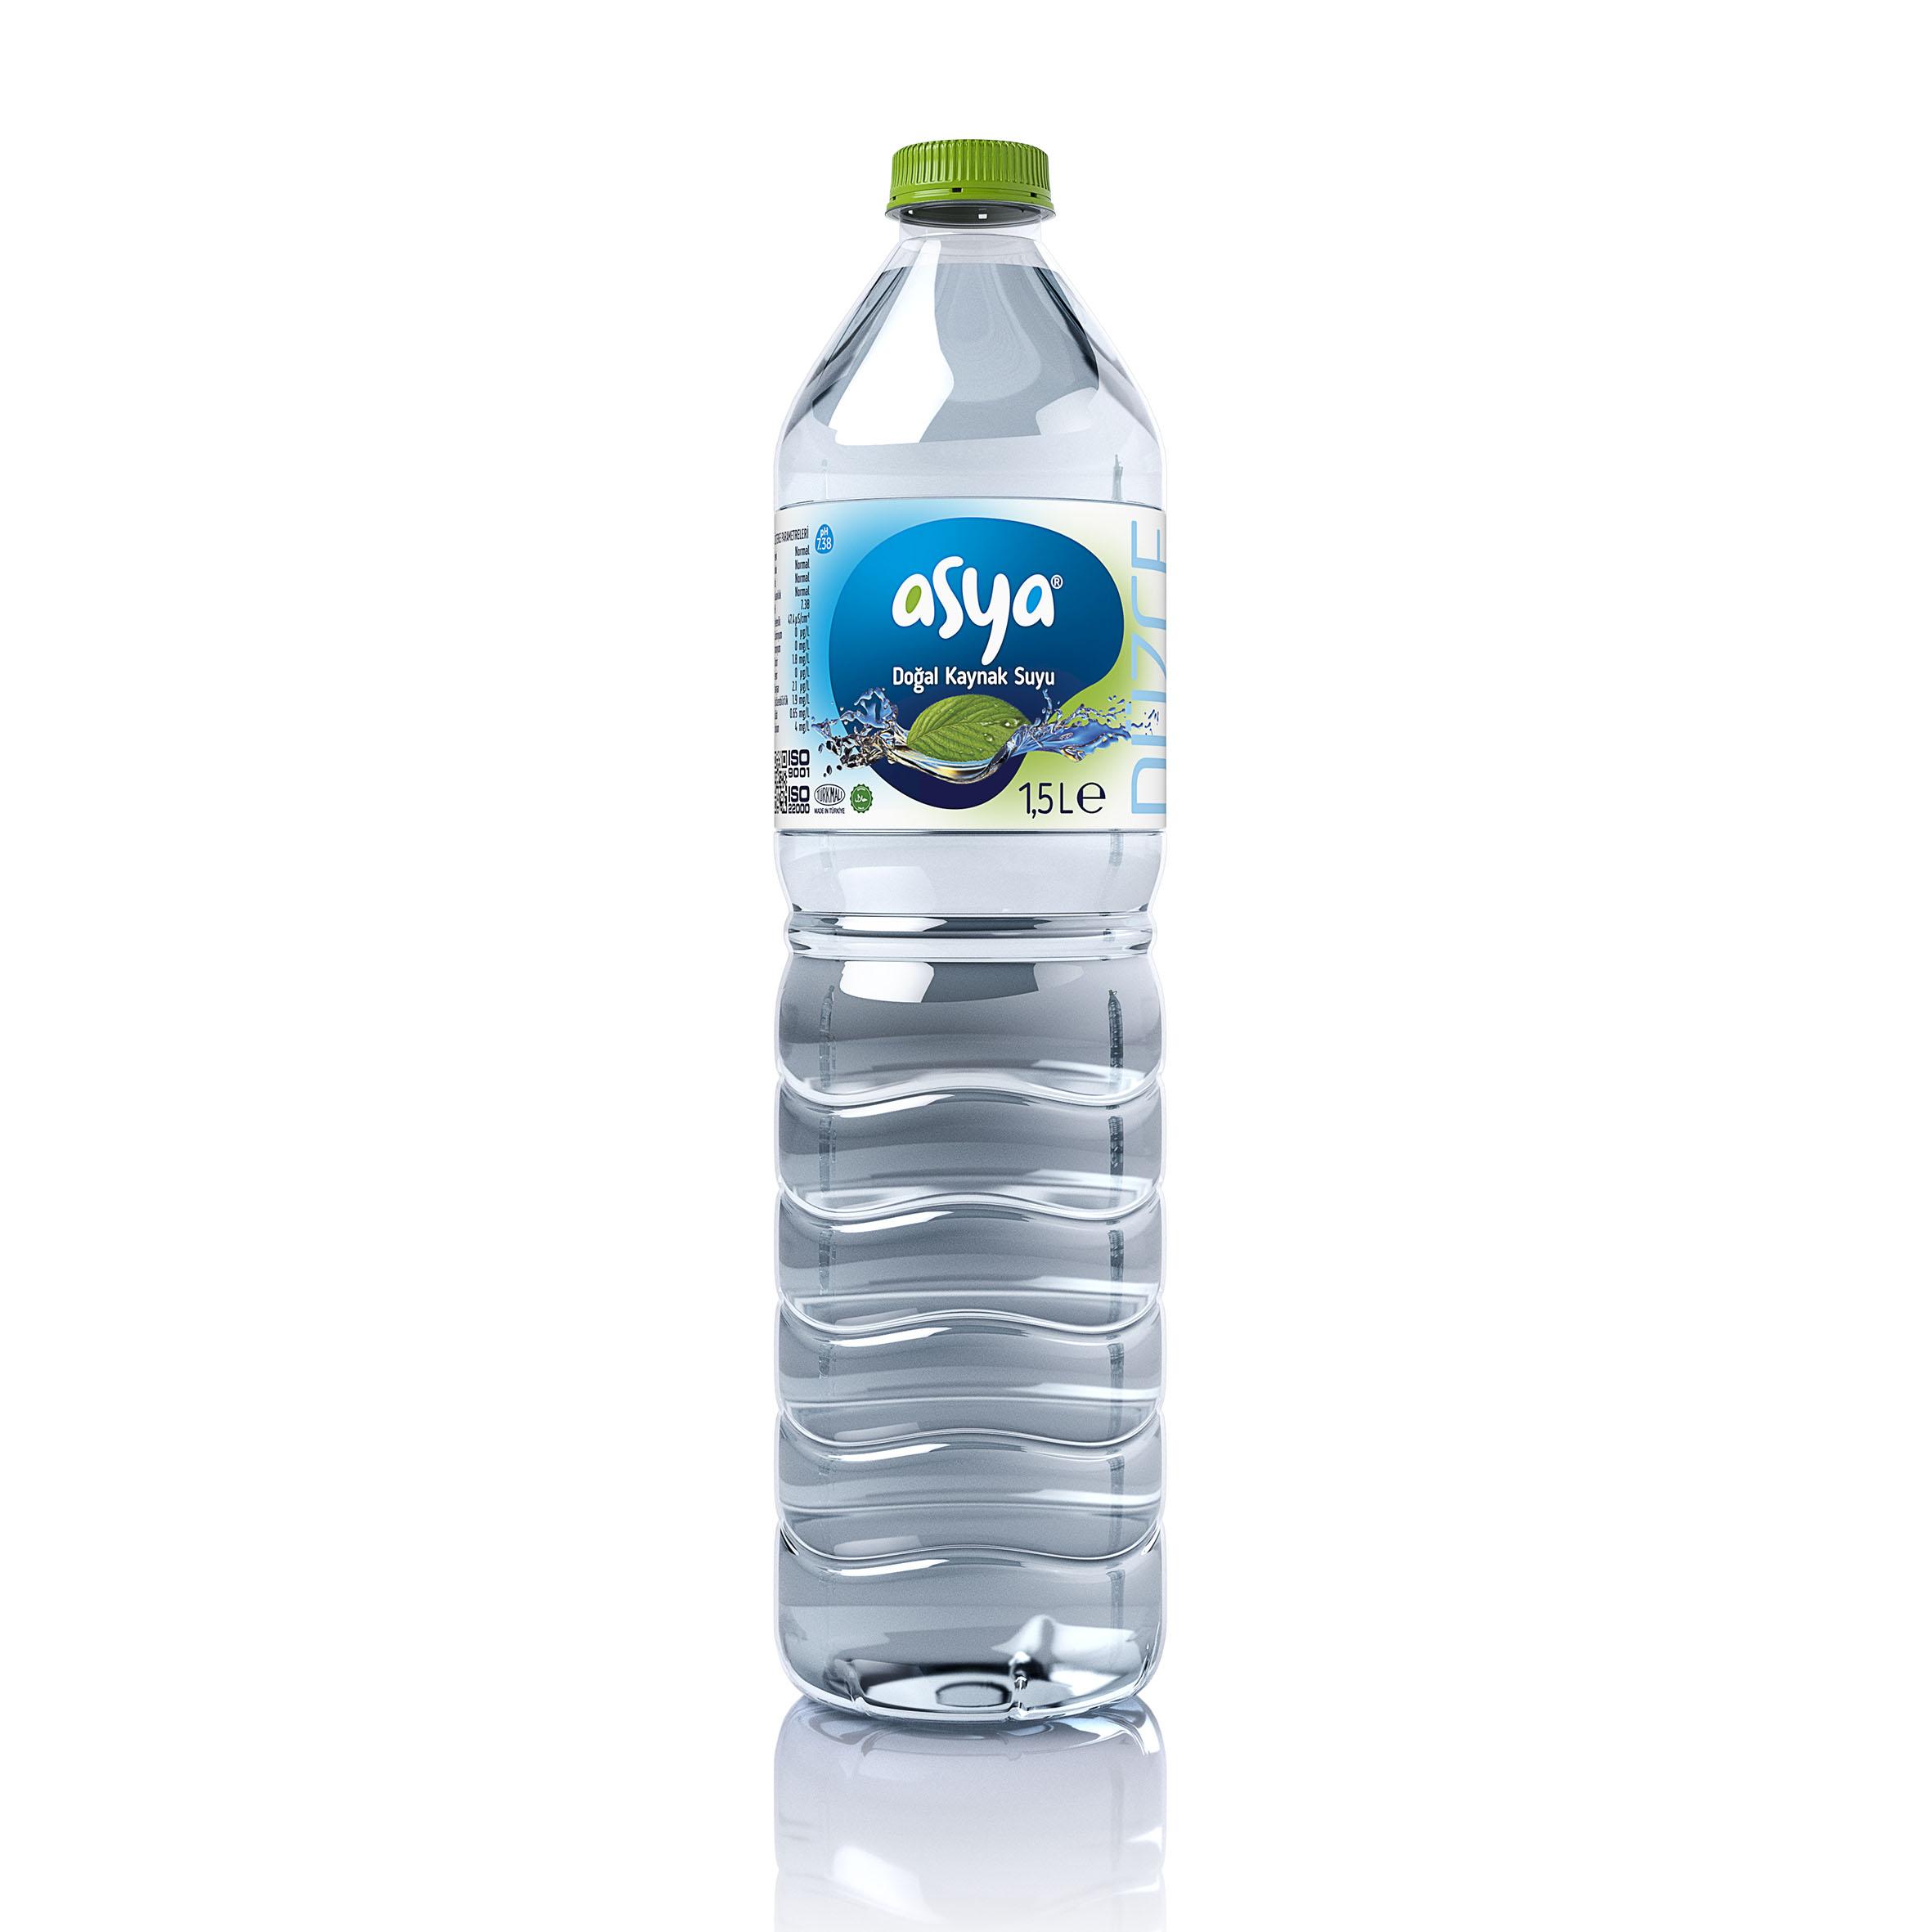 1.5Lt Bottled Water